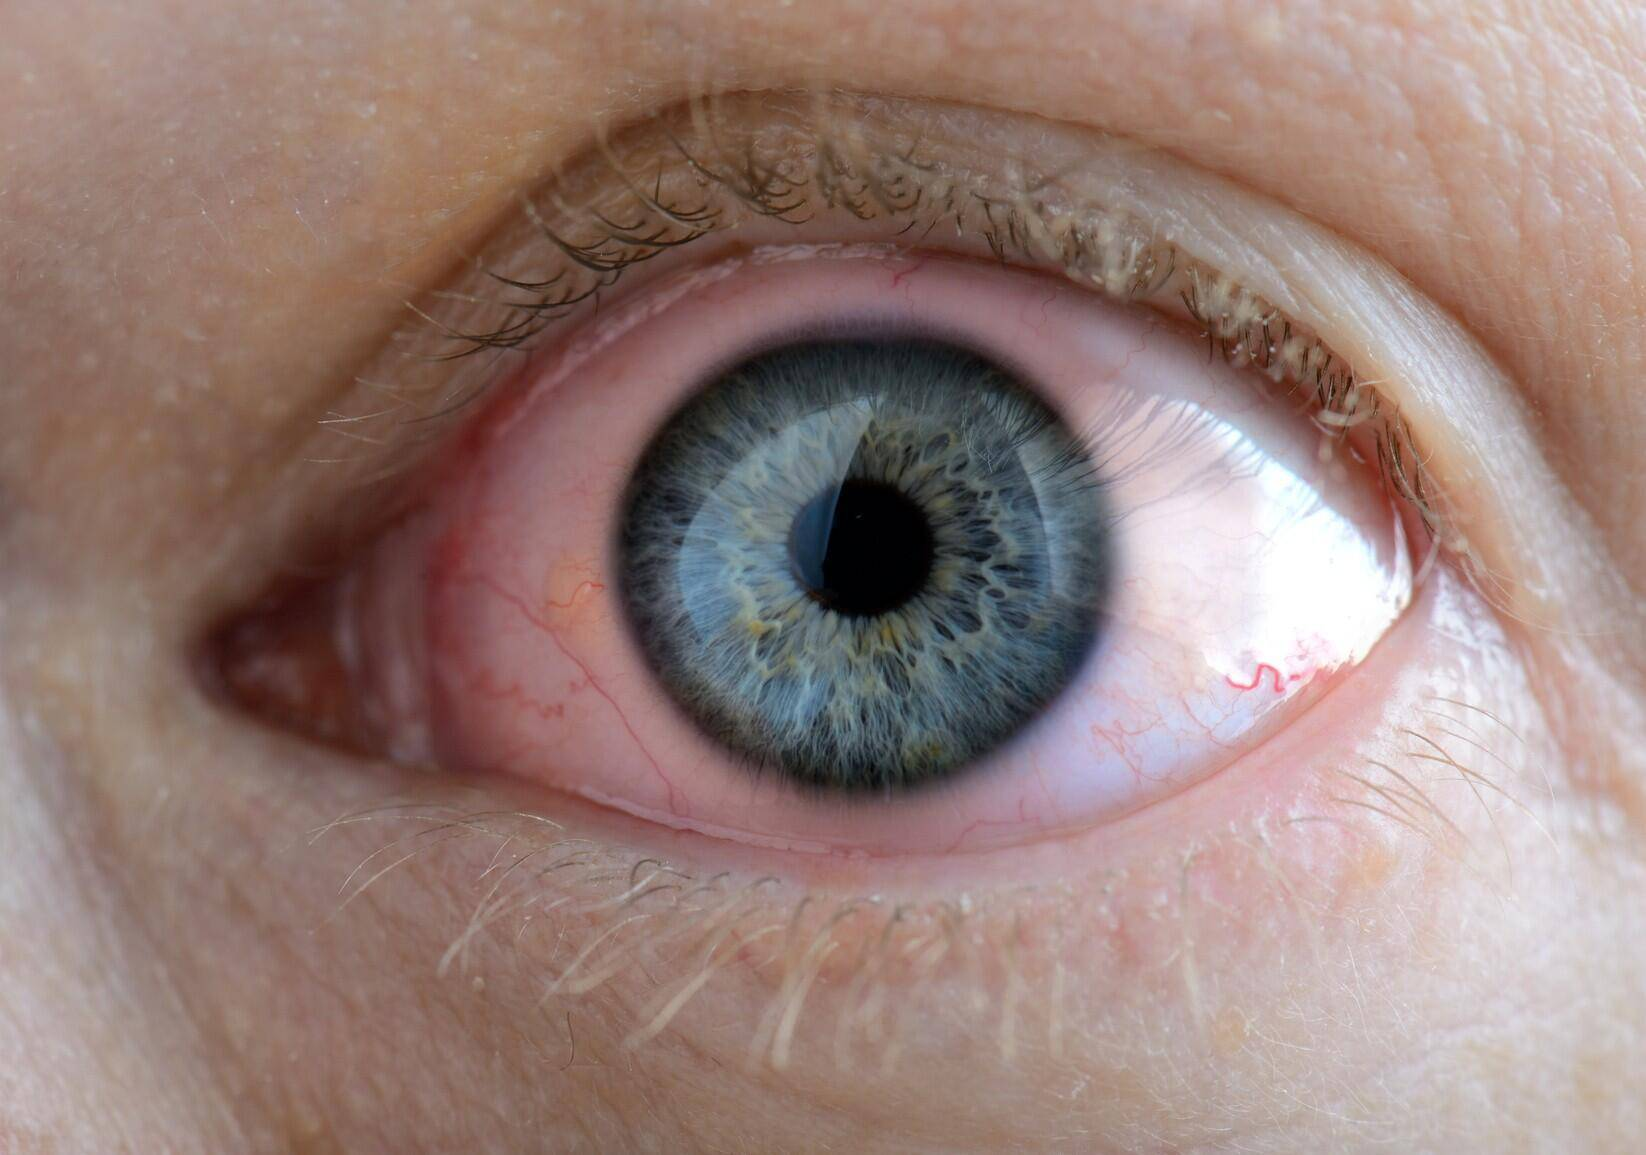 Хламидийный конъюнктивит - лечение хламидиоза глаз, антибиотики